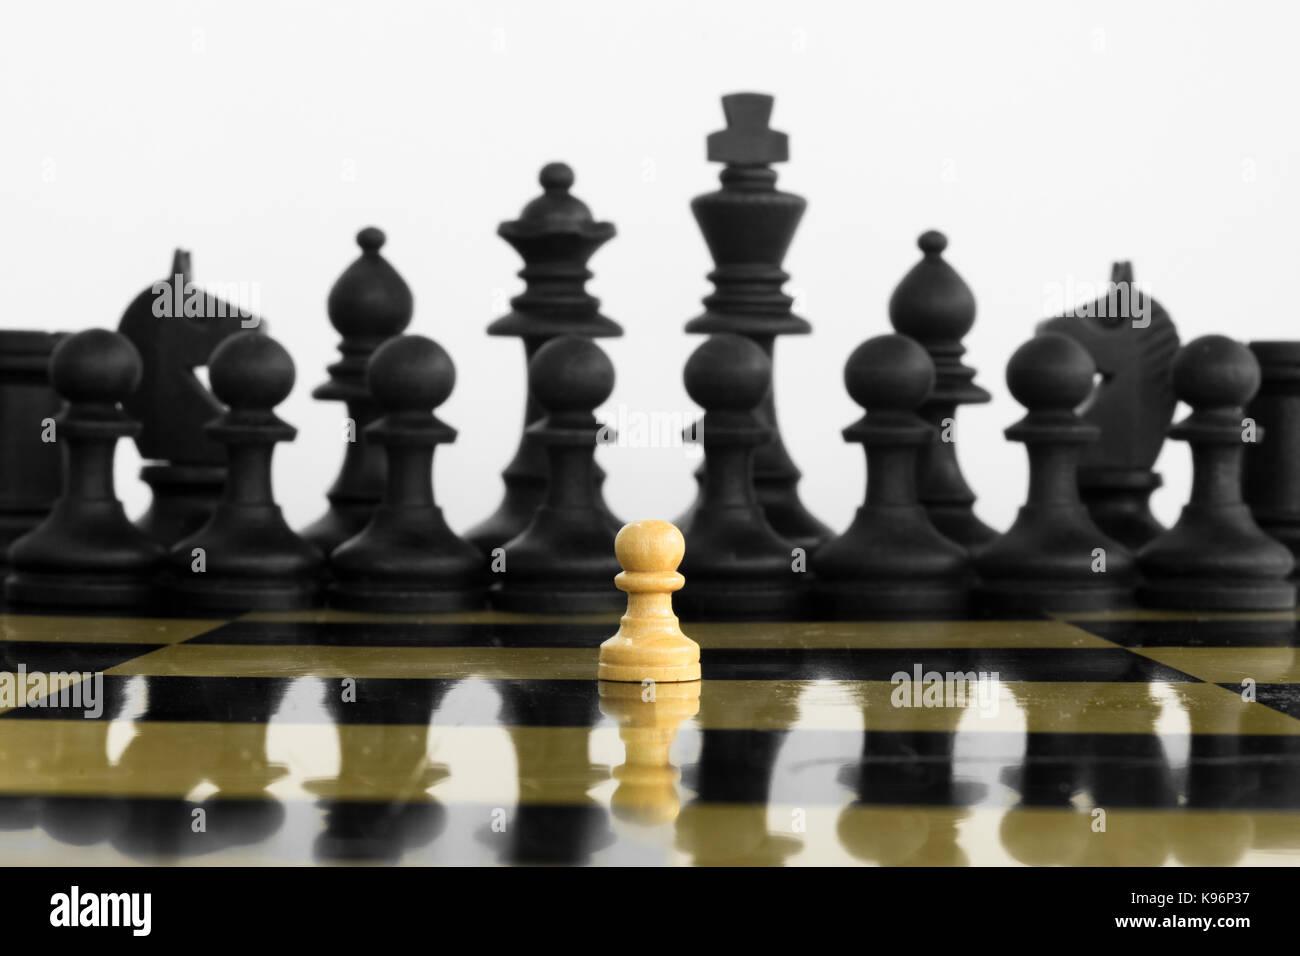 La auto-confianza Peón blanco delante de un ejército negro de ajedrez antes del enfrentamiento. Imagen De Stock